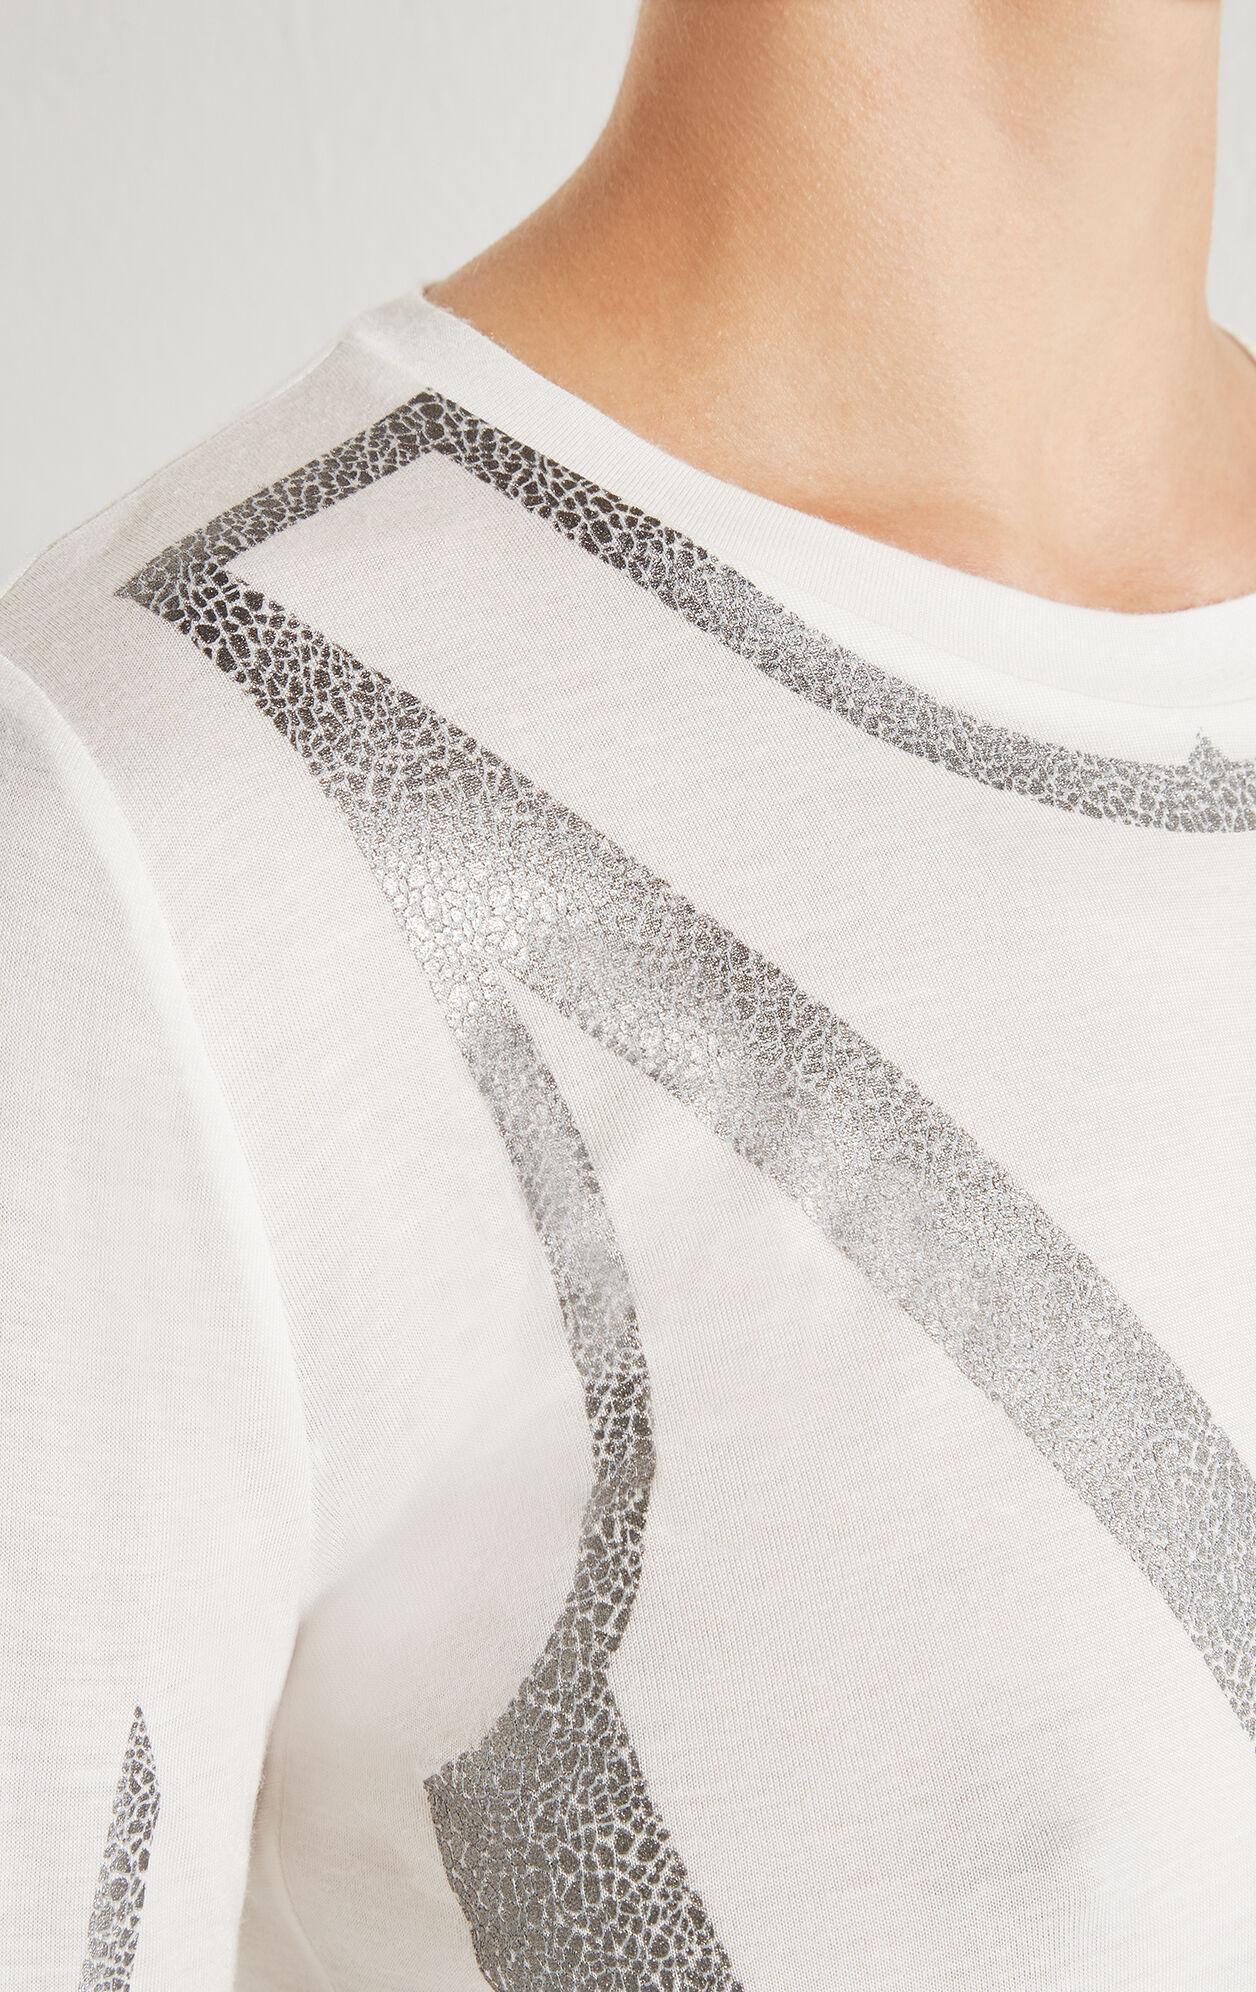 Dahlia Foil Print Long-Sleeve Tee